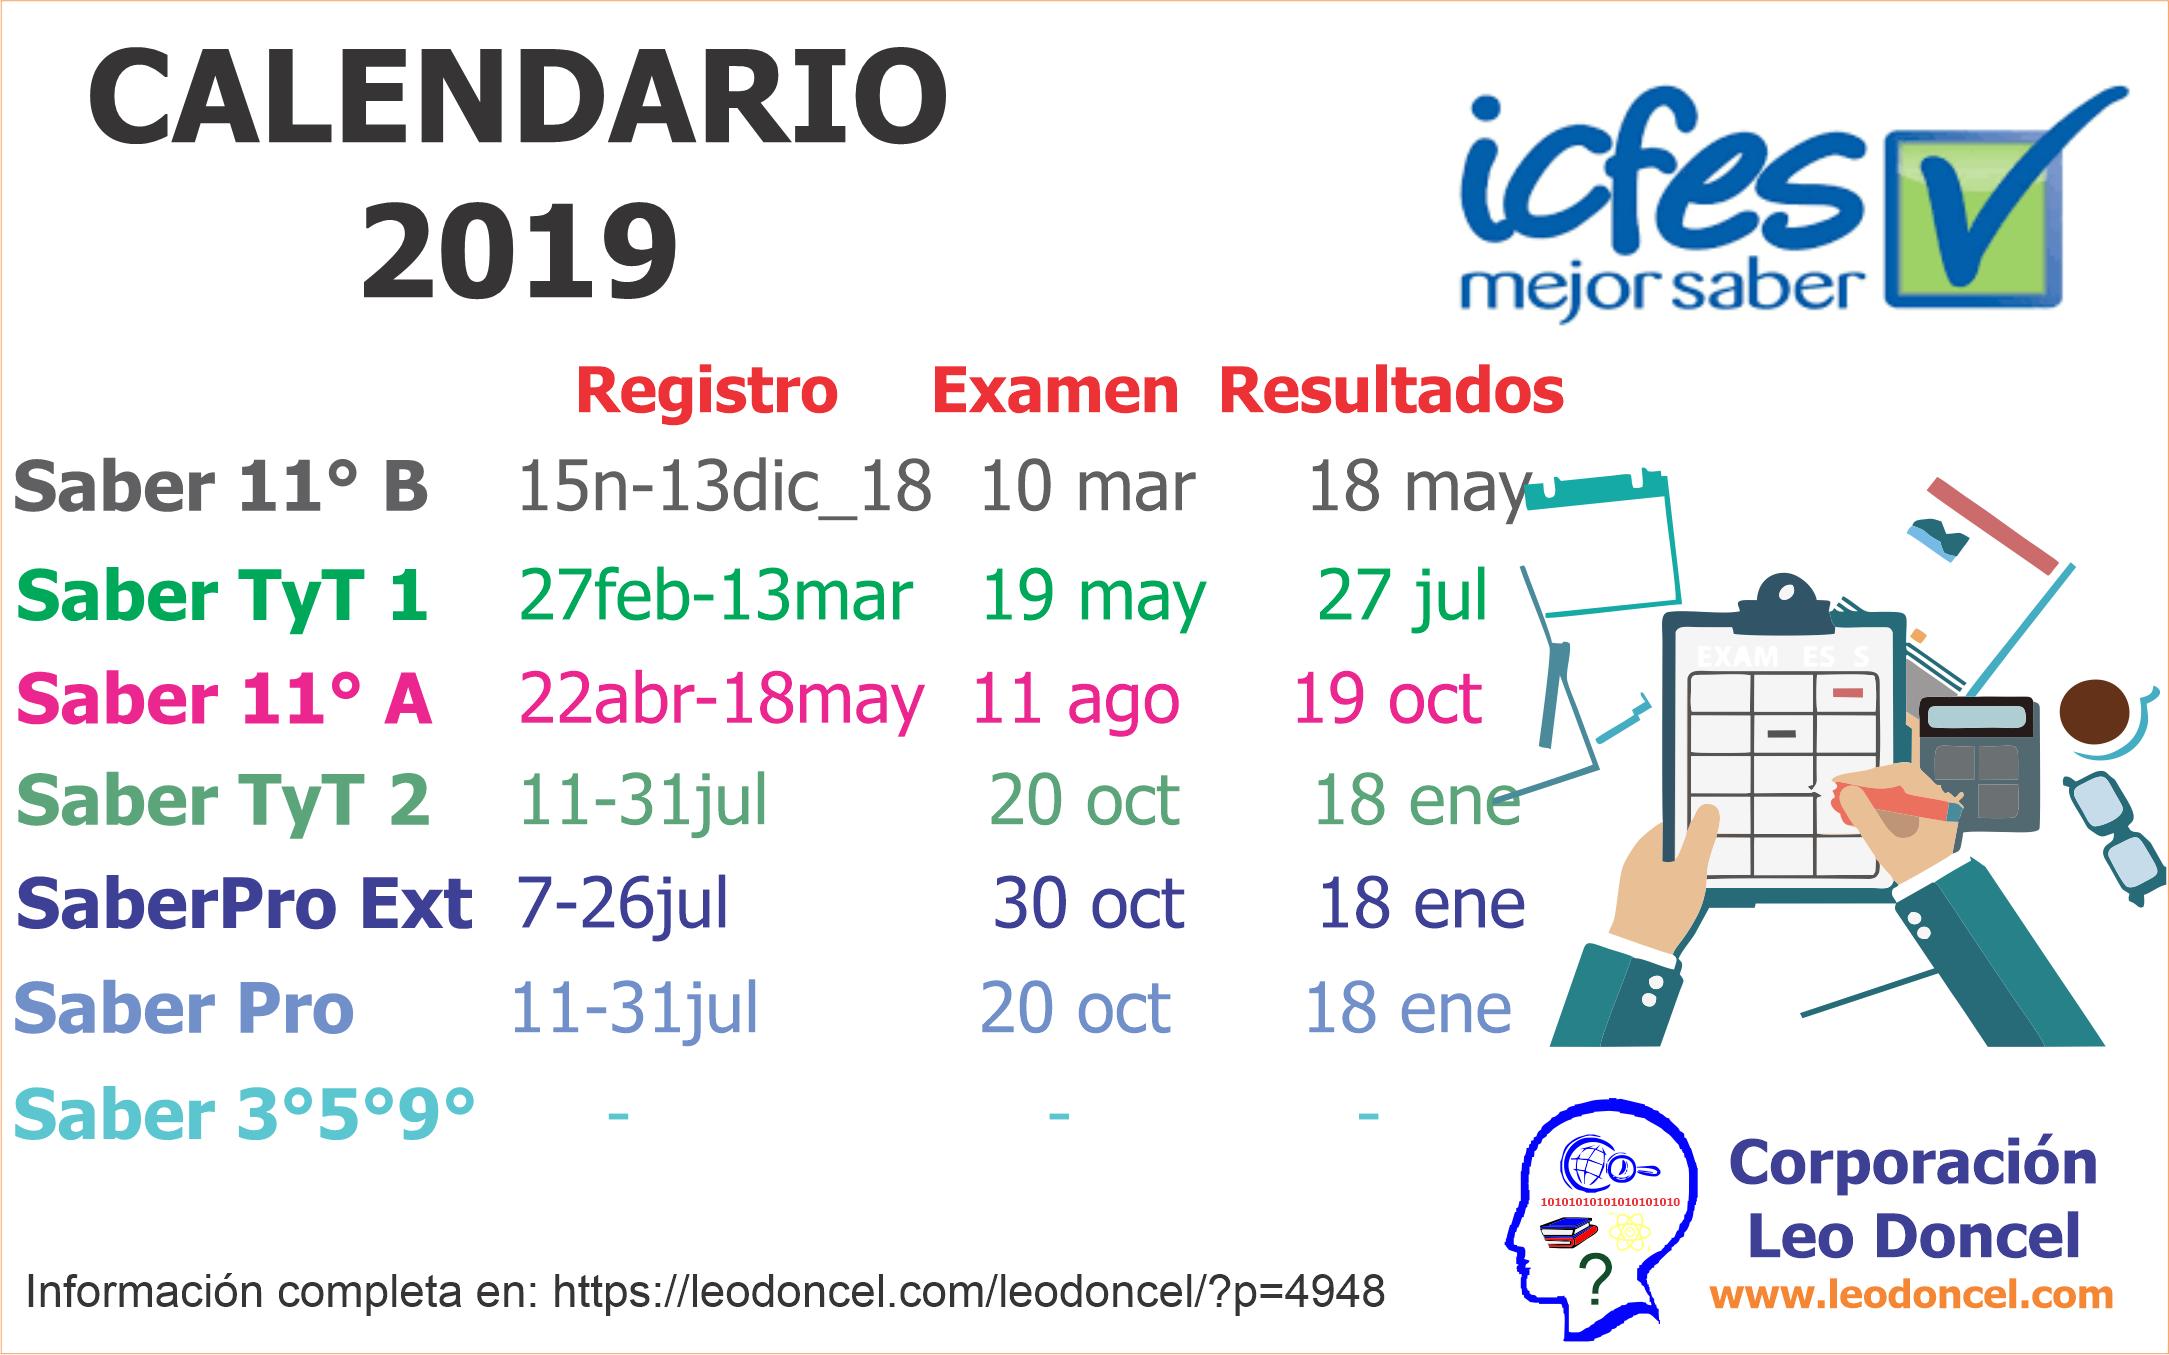 Calendario Febrero 2020 Colombia.Calendario De Examenes Icfes 2019 Icfes Corporacion Leo